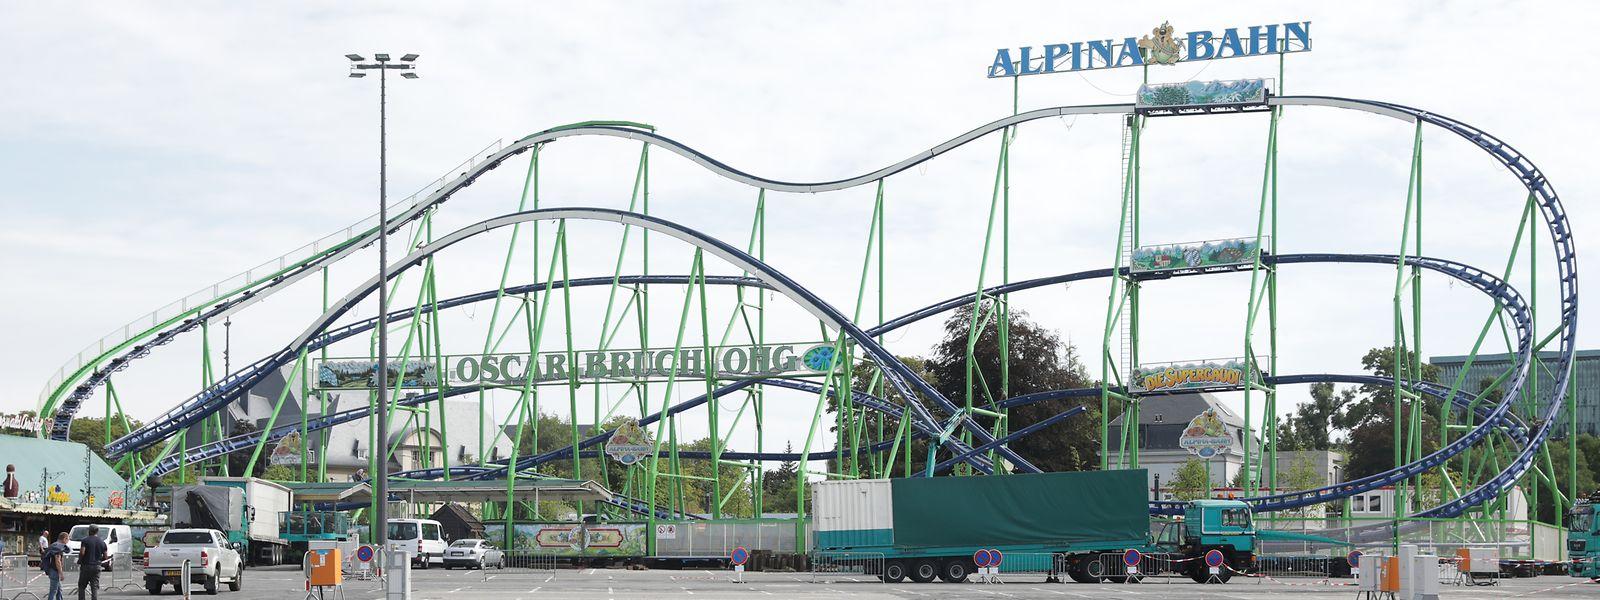 Avec 910m de parcours sur 27m de haut, l'Alpina Bahn va donner bien des frissons.